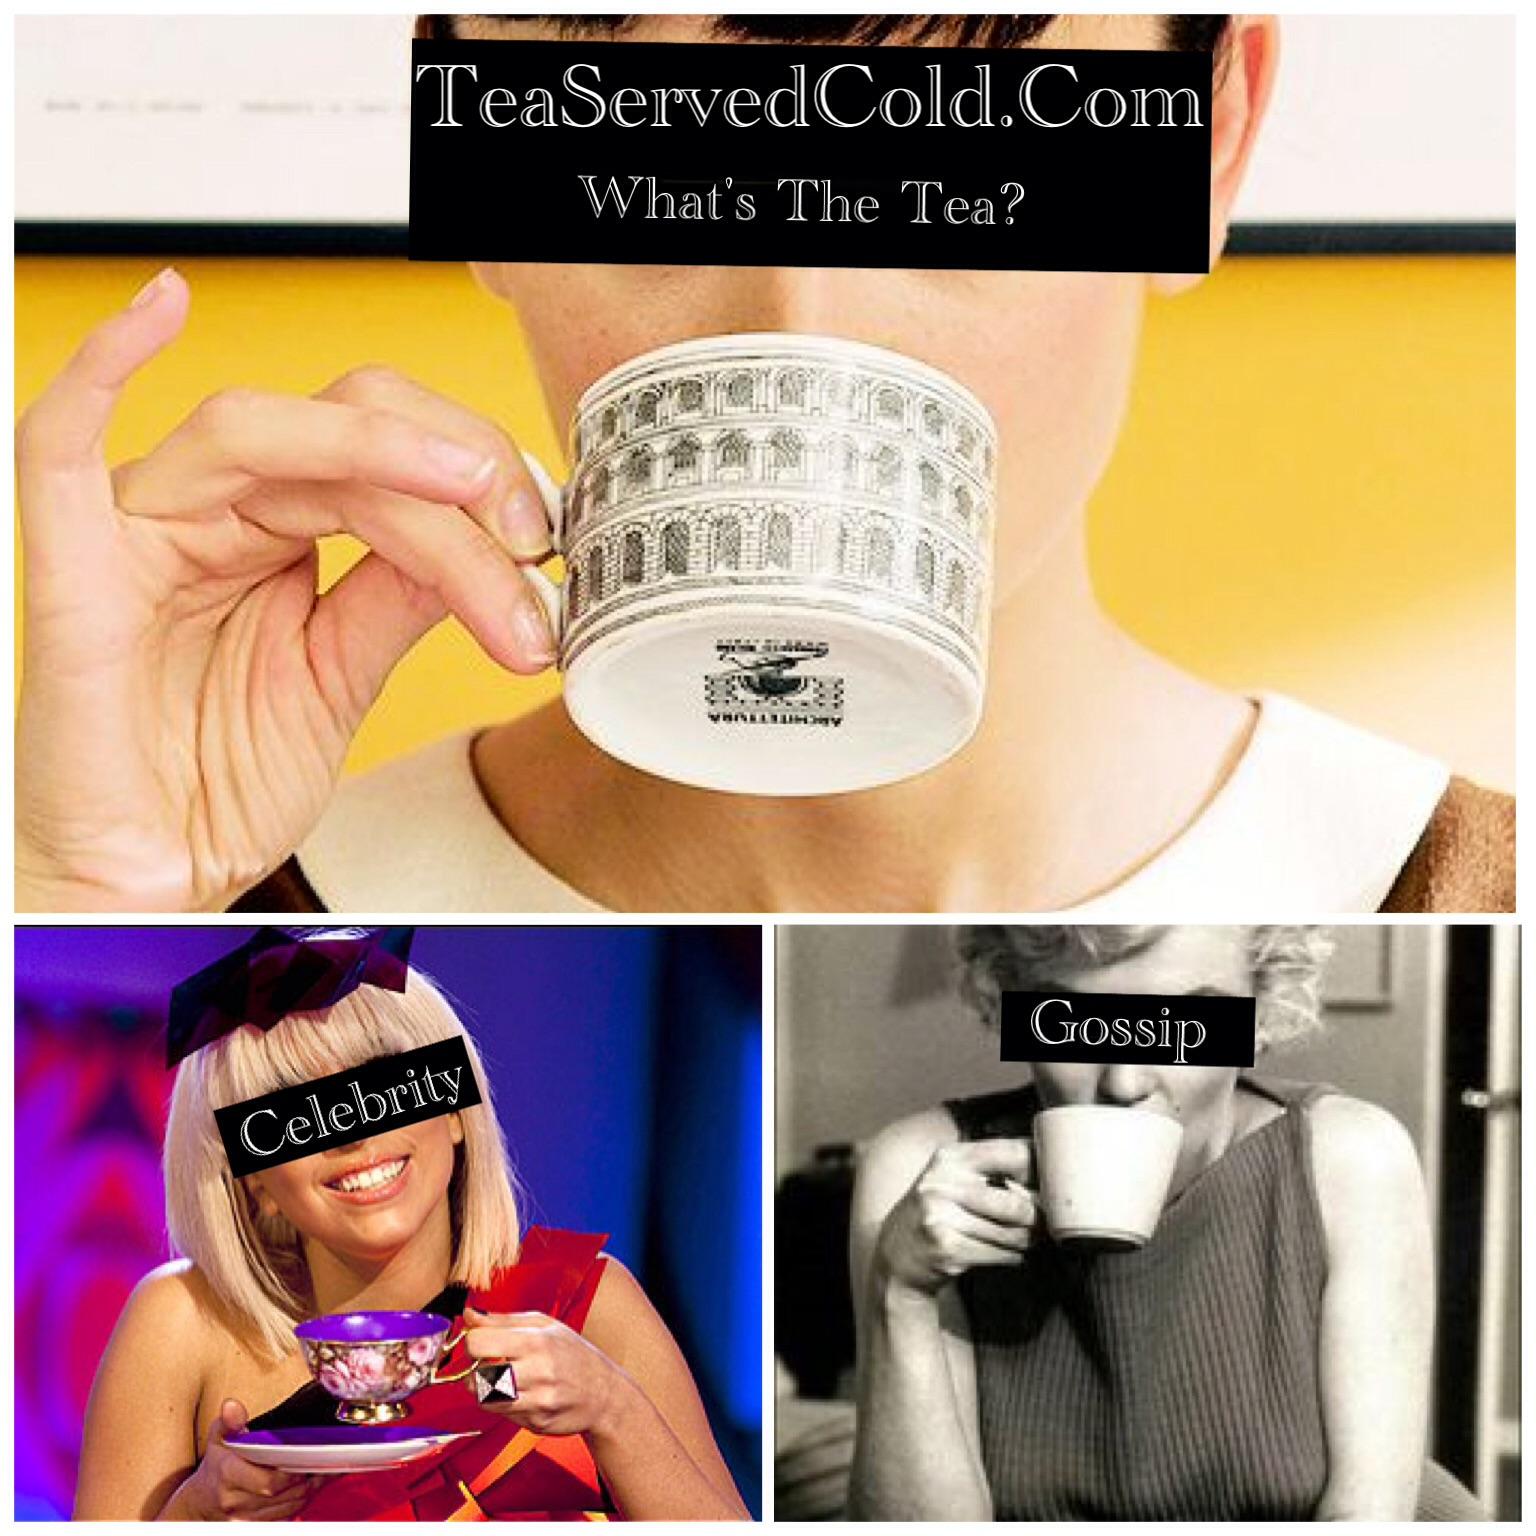 TeaServedCold.com